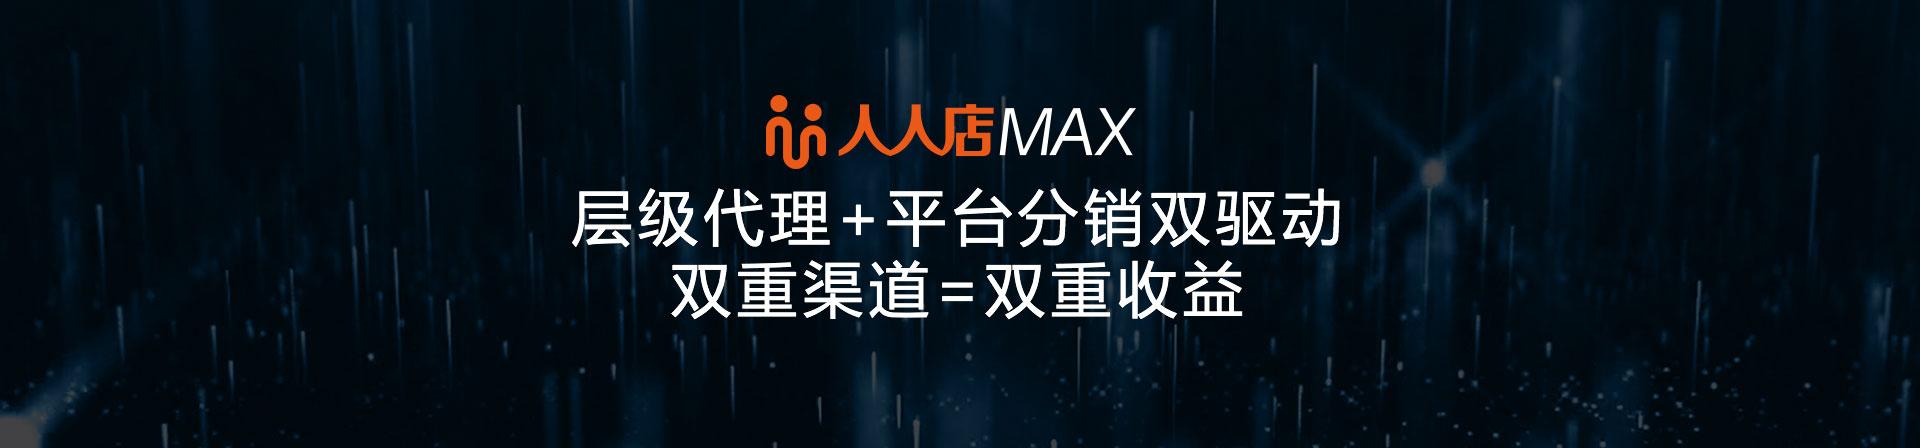 人人店MAX